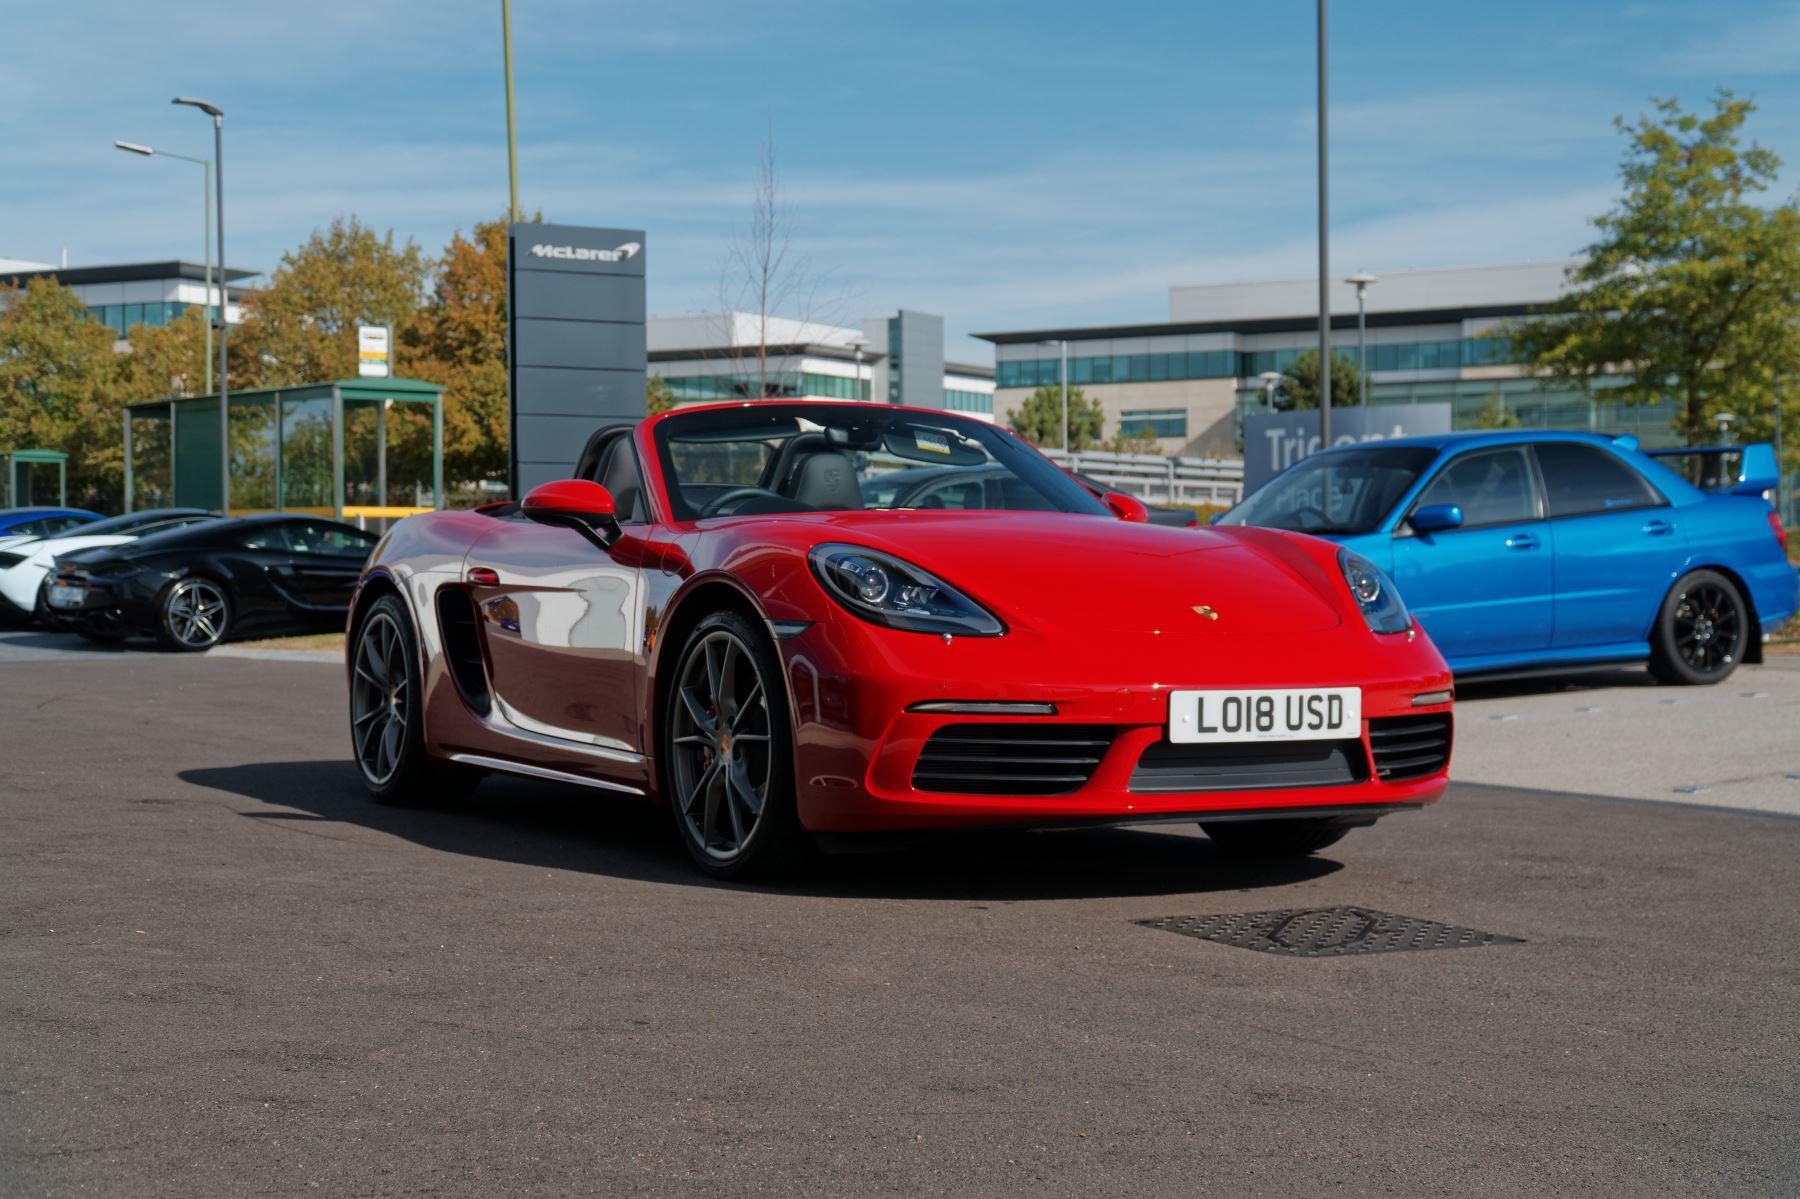 Porsche Boxster S image 12